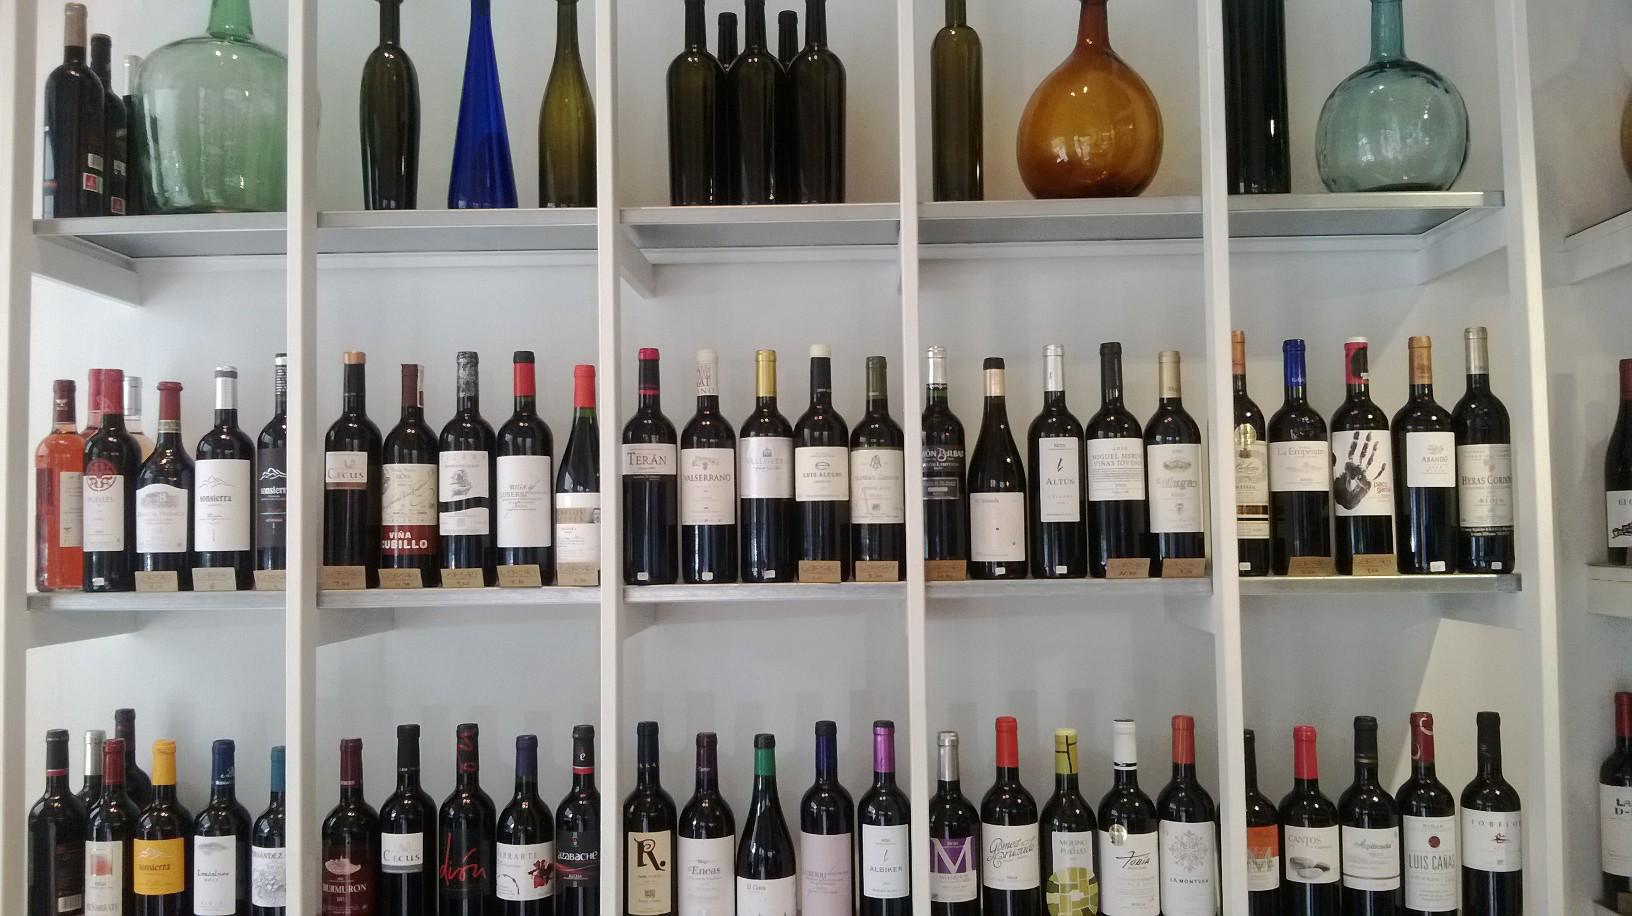 WP_2013 vinoteca